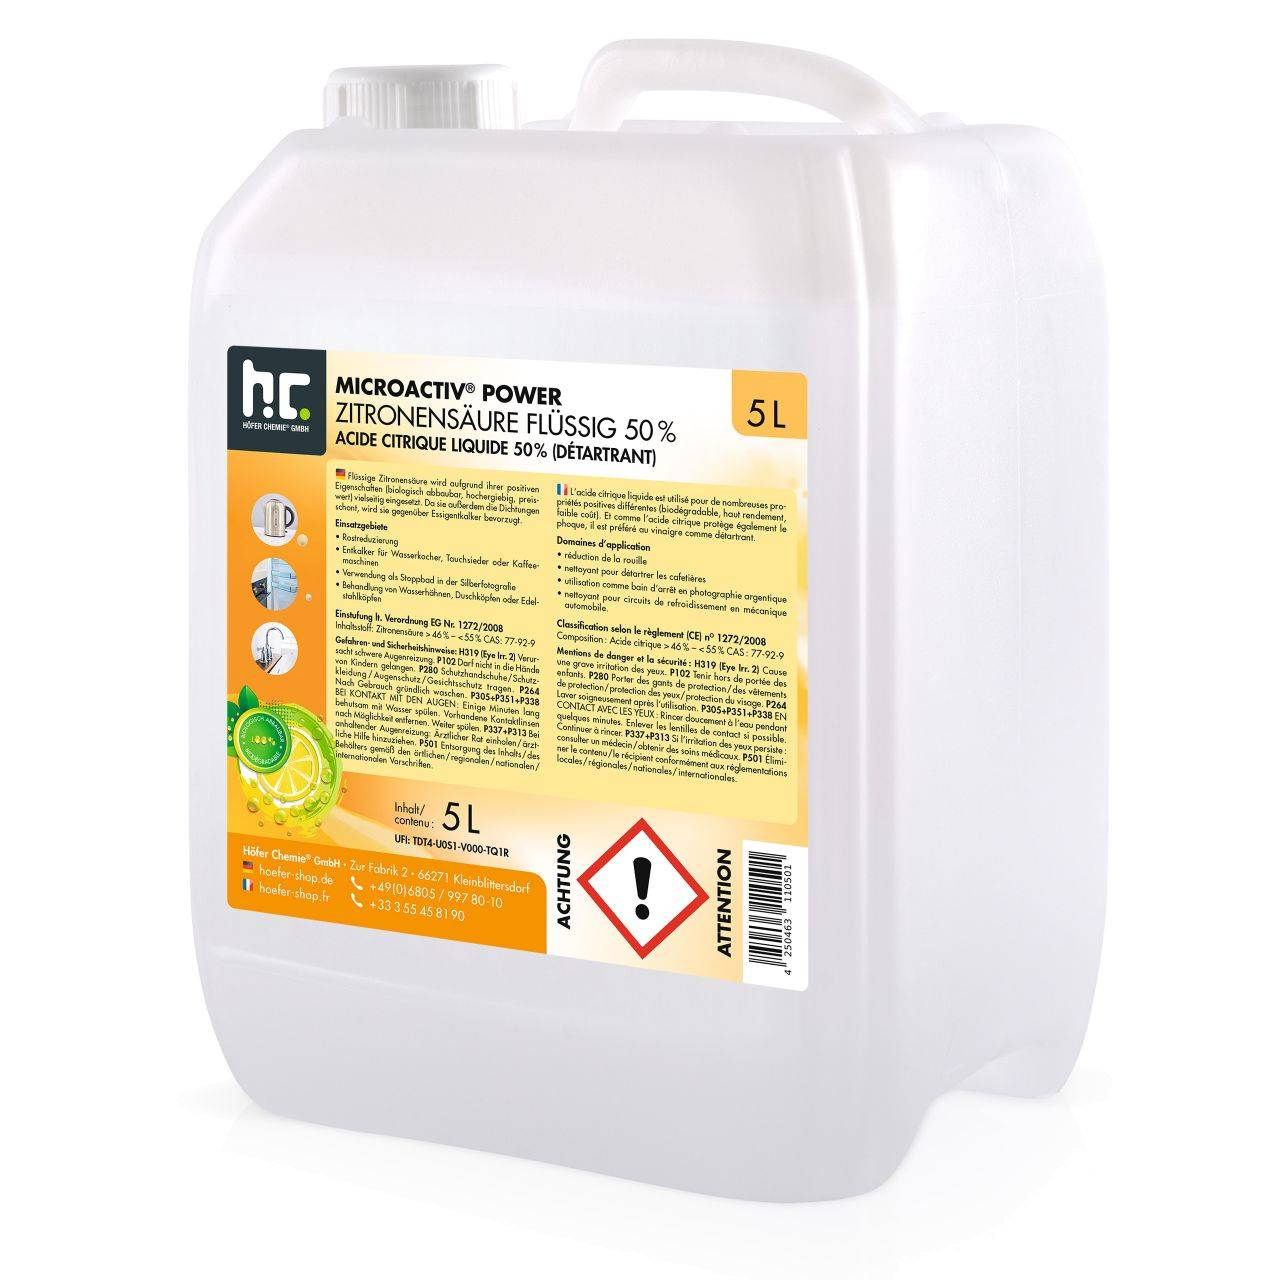 Höfer Chemie 5 l Acide Citrique Liquide 50% (1 x 5 l)